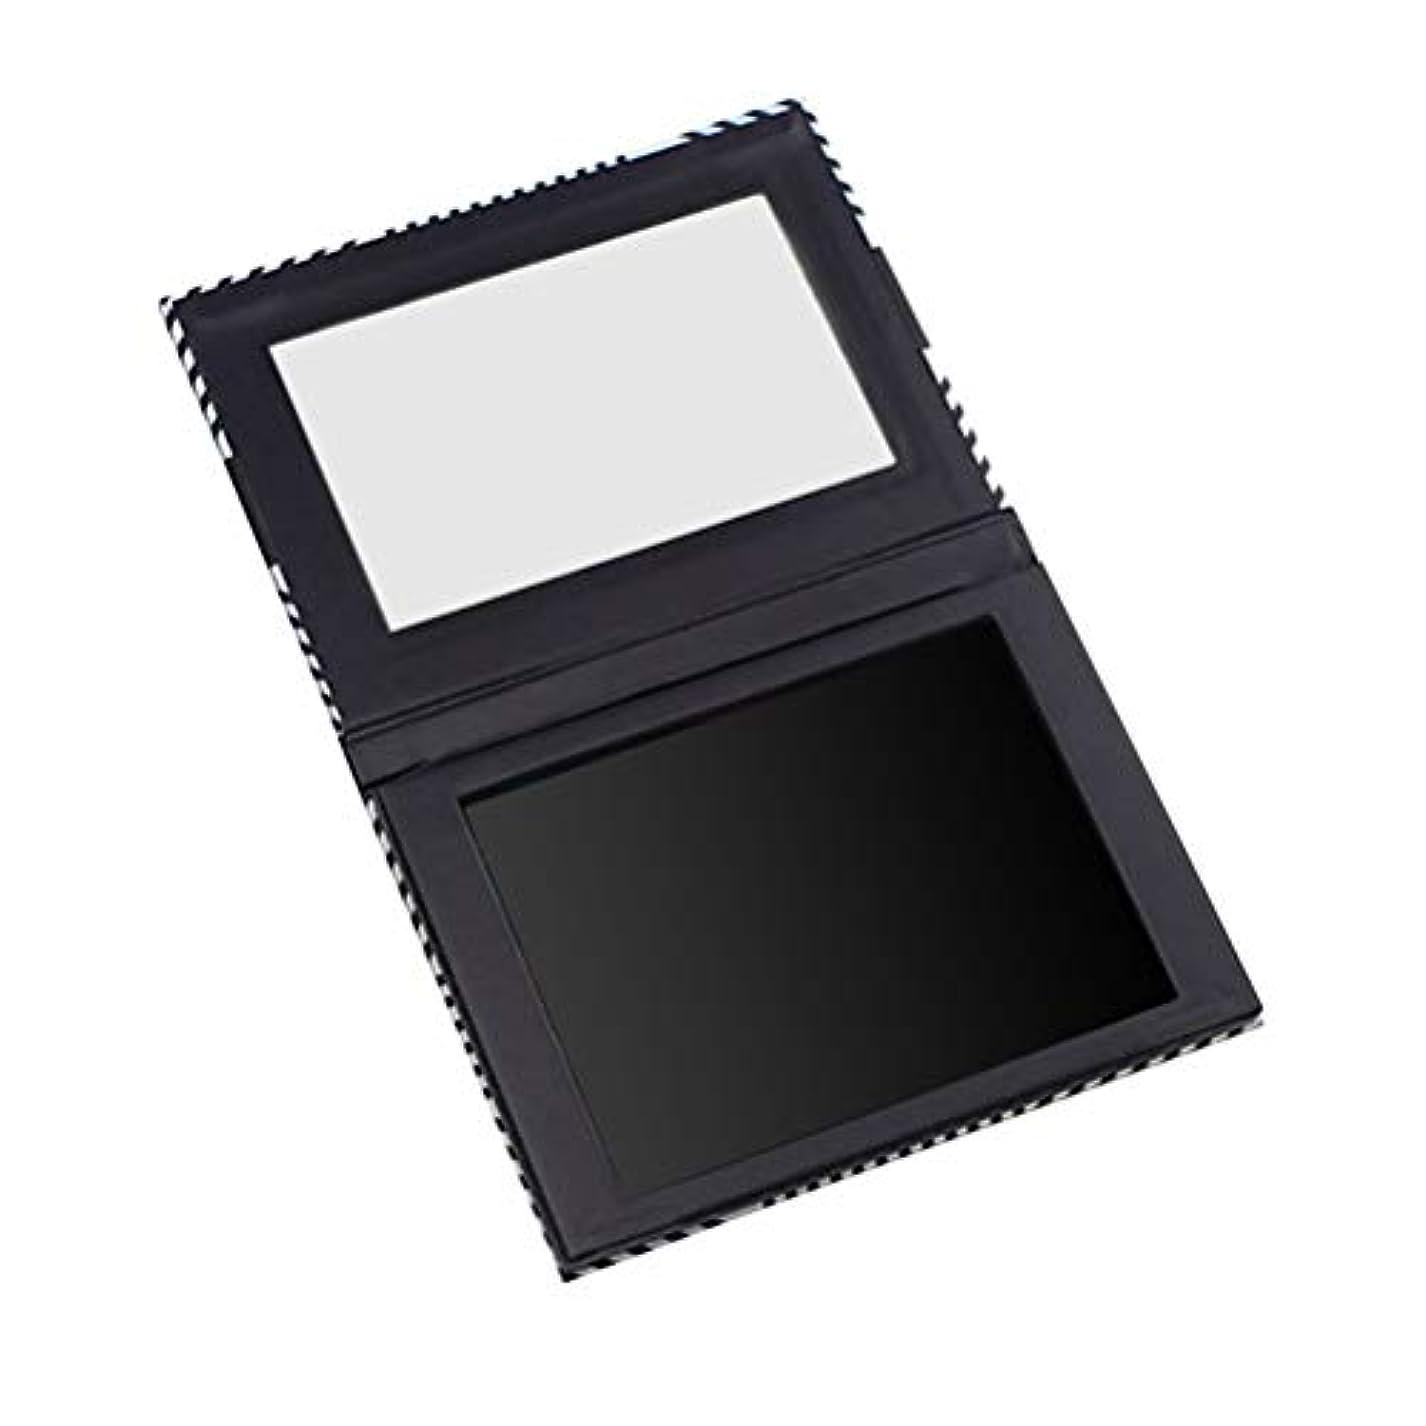 露縞模様のキャビンLurrose ミラー付き空の磁気パレットアイシャドウオーガナイザー